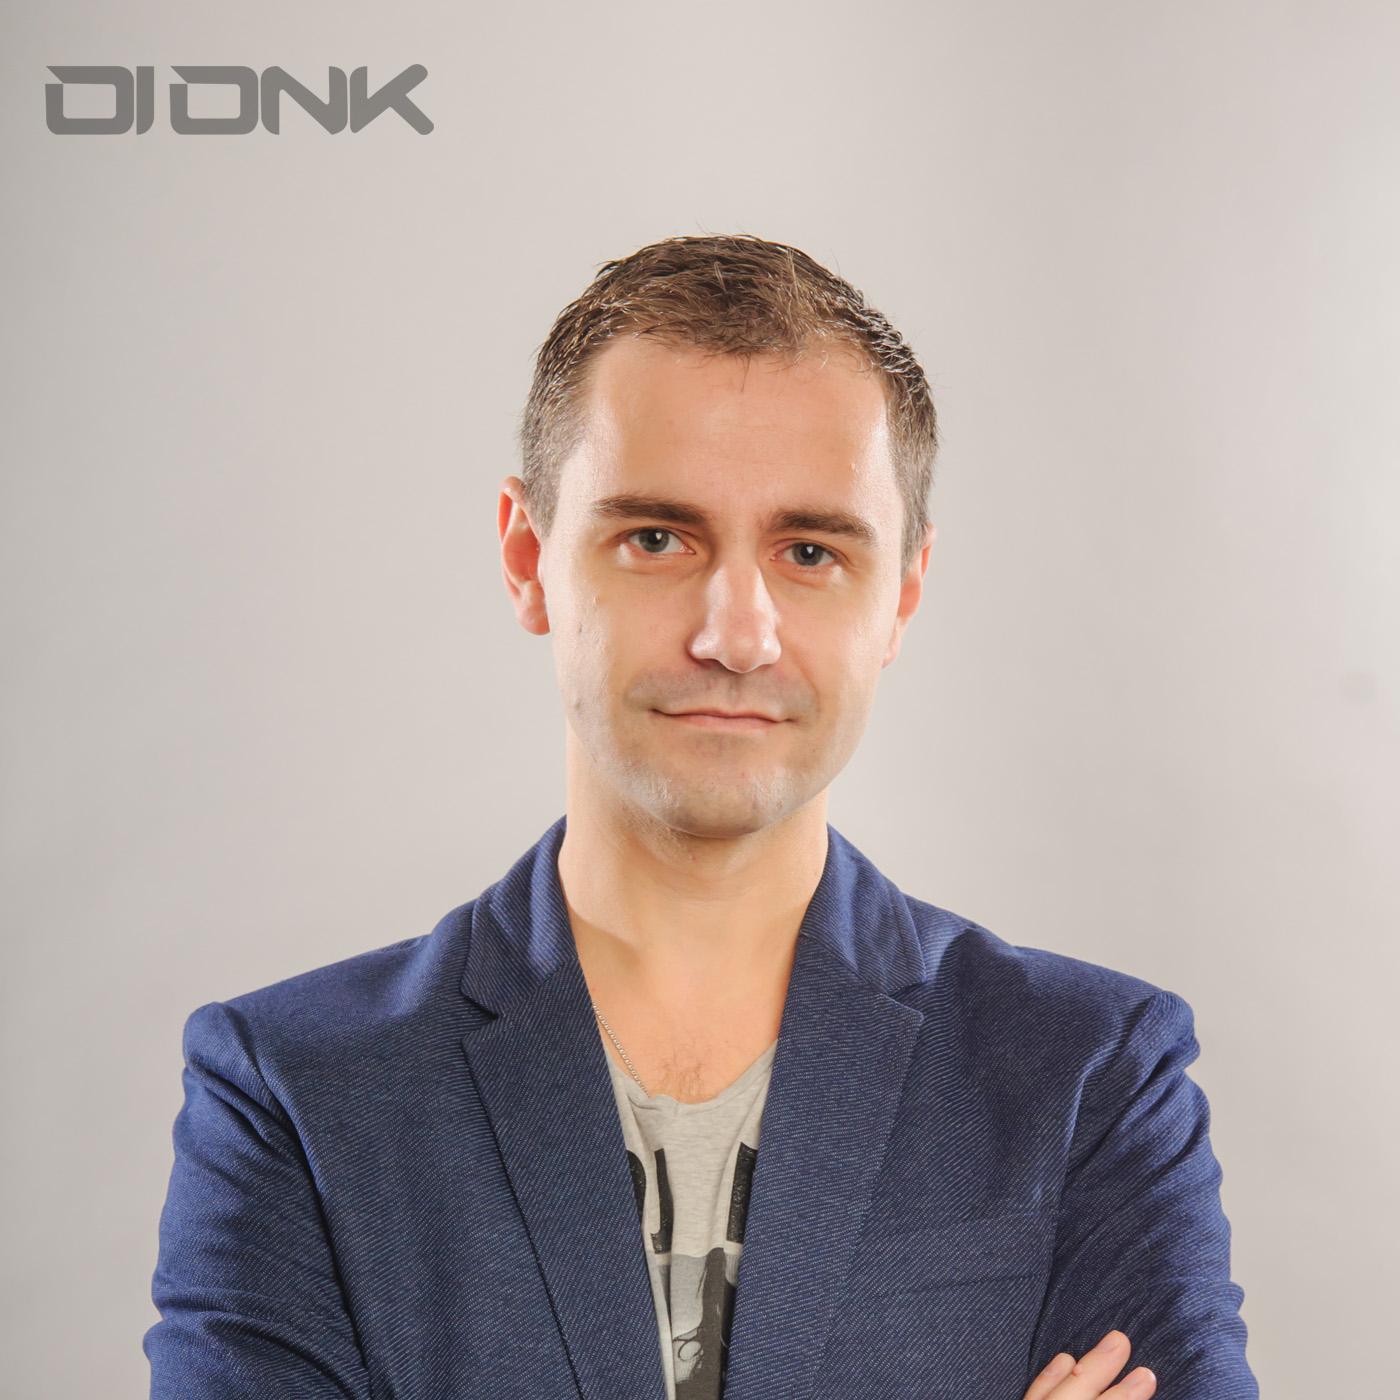 DJ DNK Music